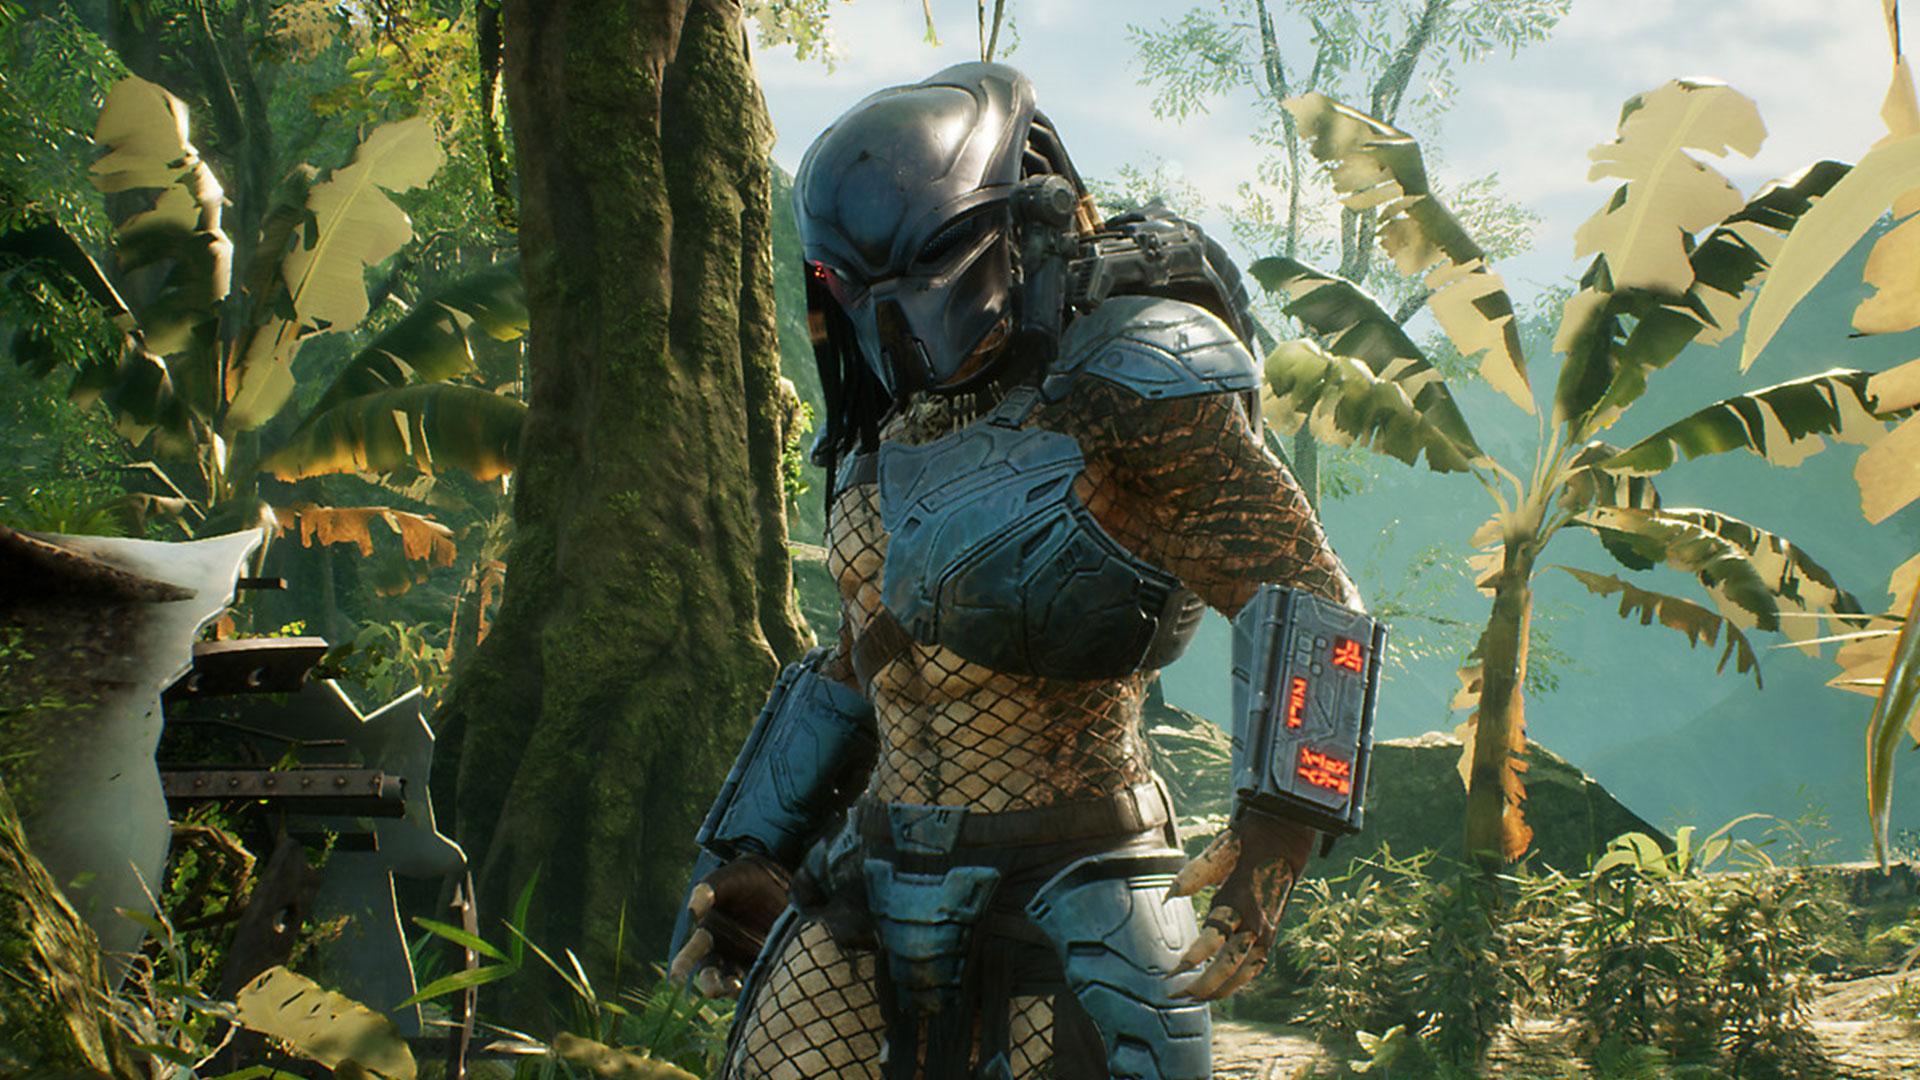 非对称对抗新作《铁血战士:狩猎场》上线推出首日补丁